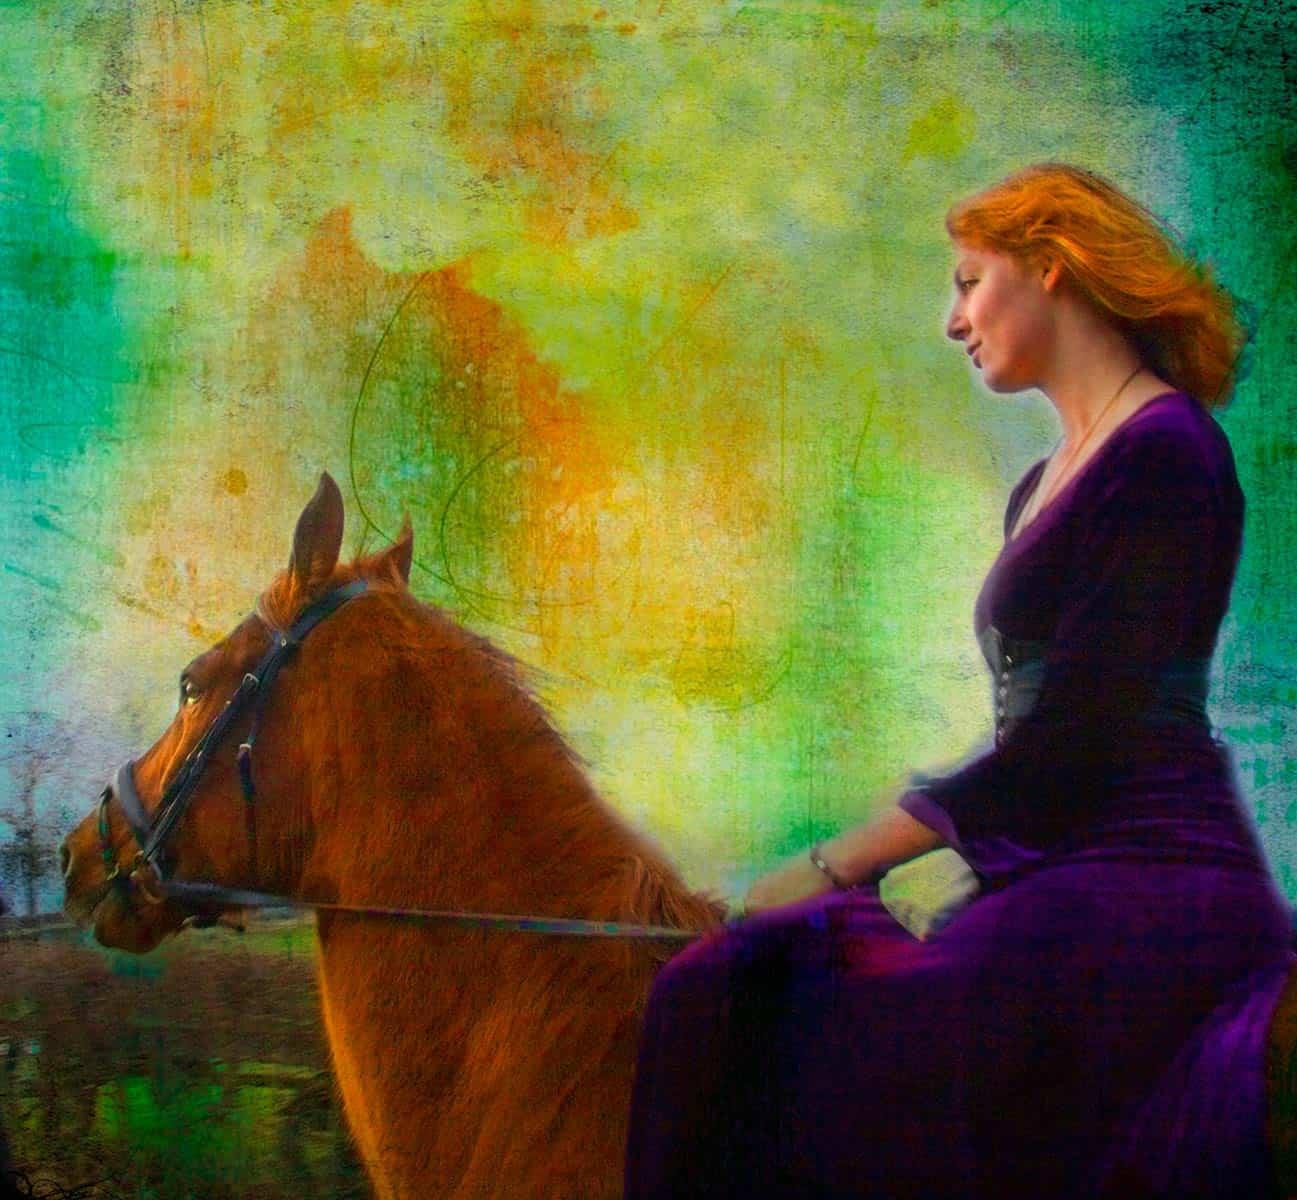 fotoshoot model meisje portret fantasy gothic glamour fotograaf paard fantasyfoto paardenfoto